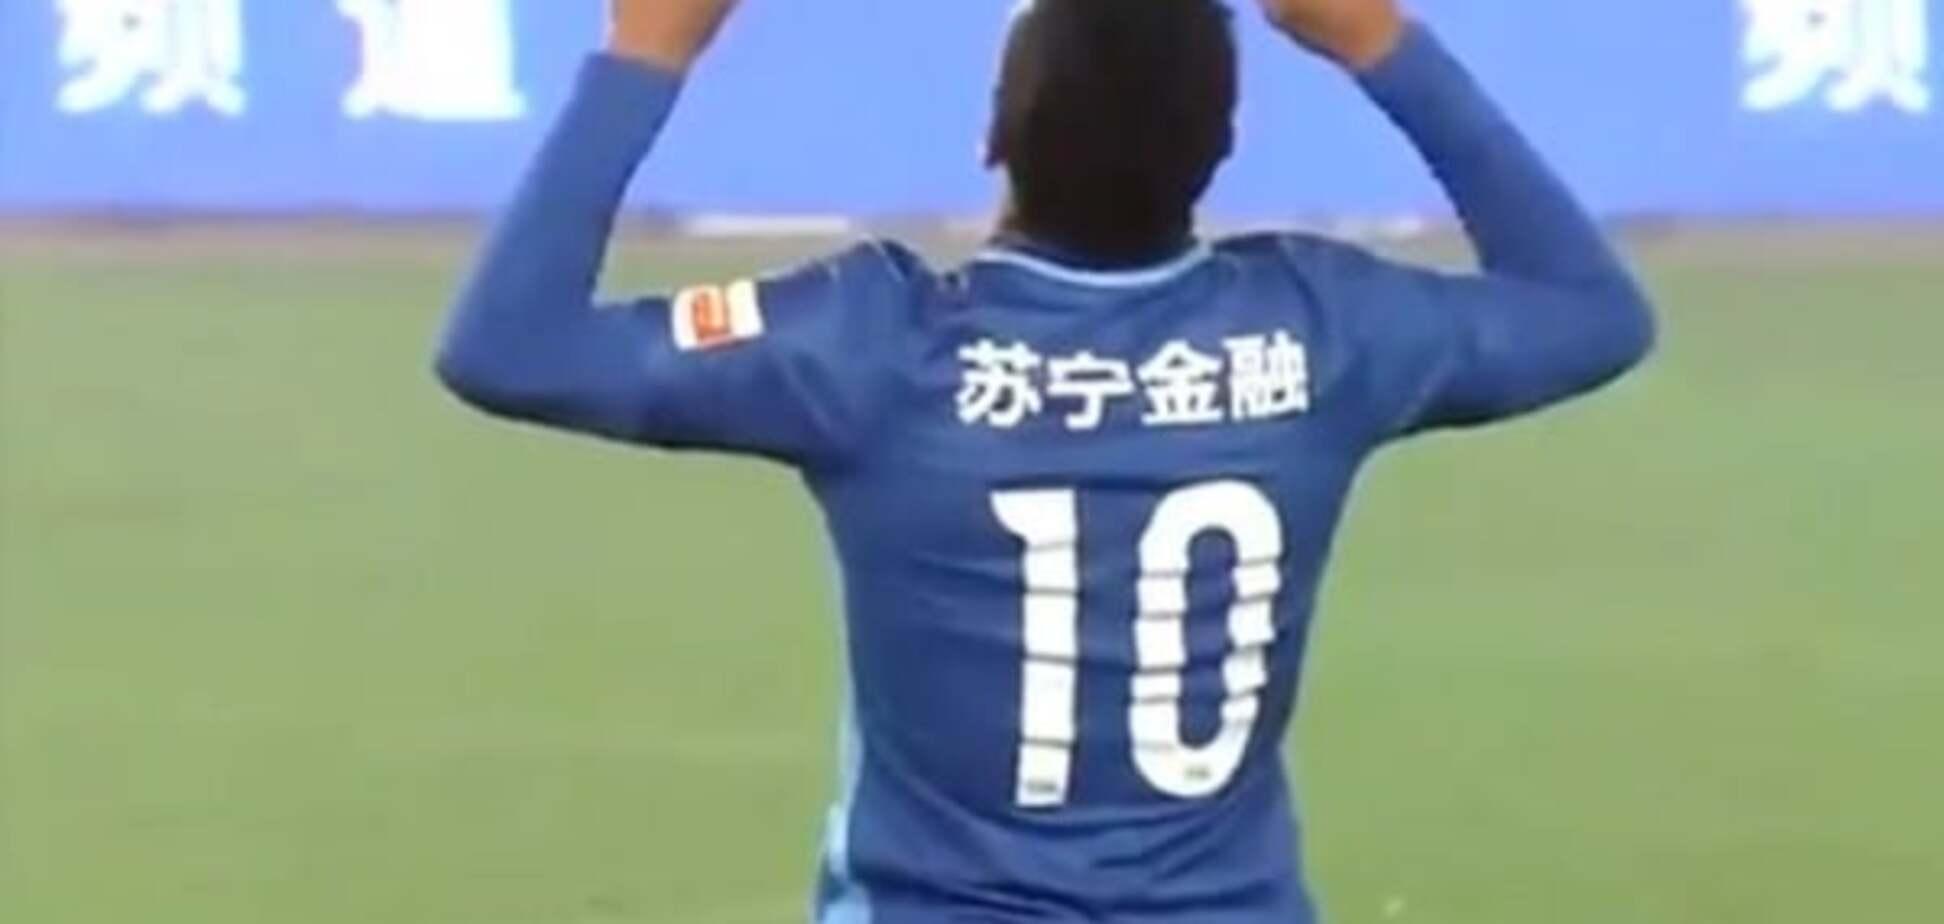 Известный экс-футболист 'Шахтера' оформил дубль в первом же туре чемпионата Китая: видео моментов